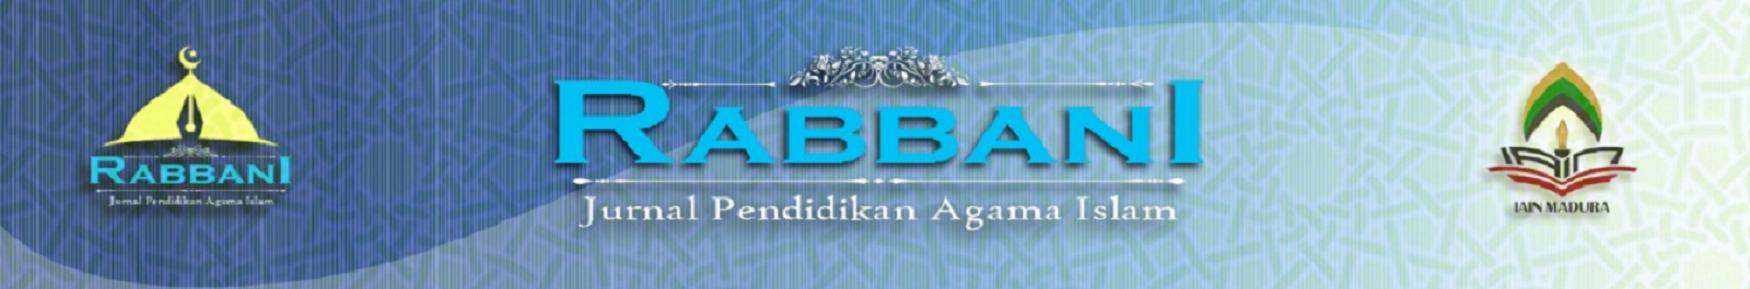 Rabbani: Jurnal Pendidikan Islam